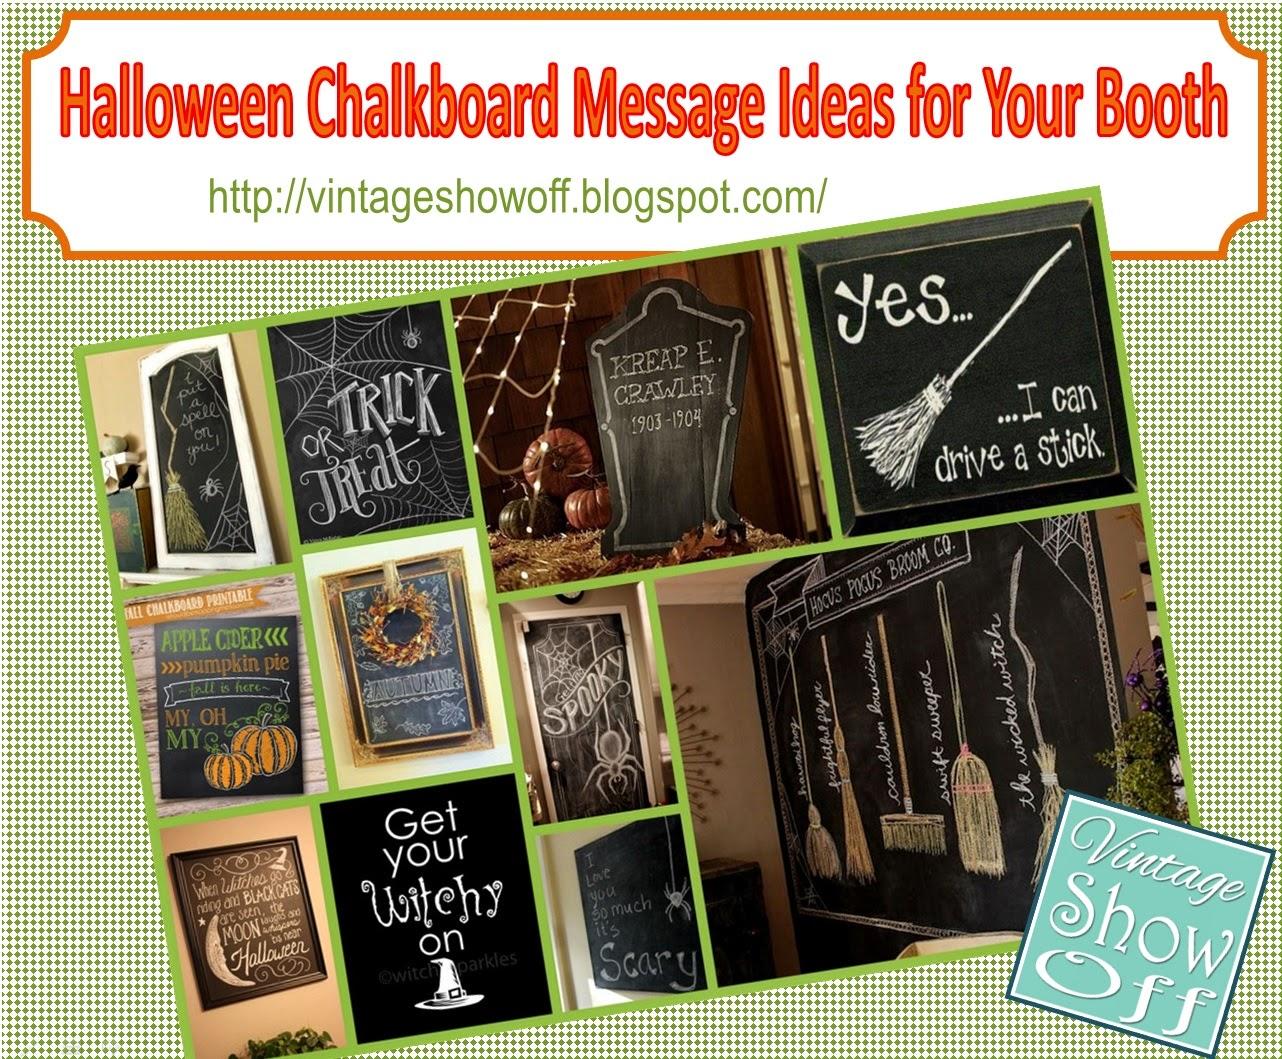 VintageShowOff.blogspot.com